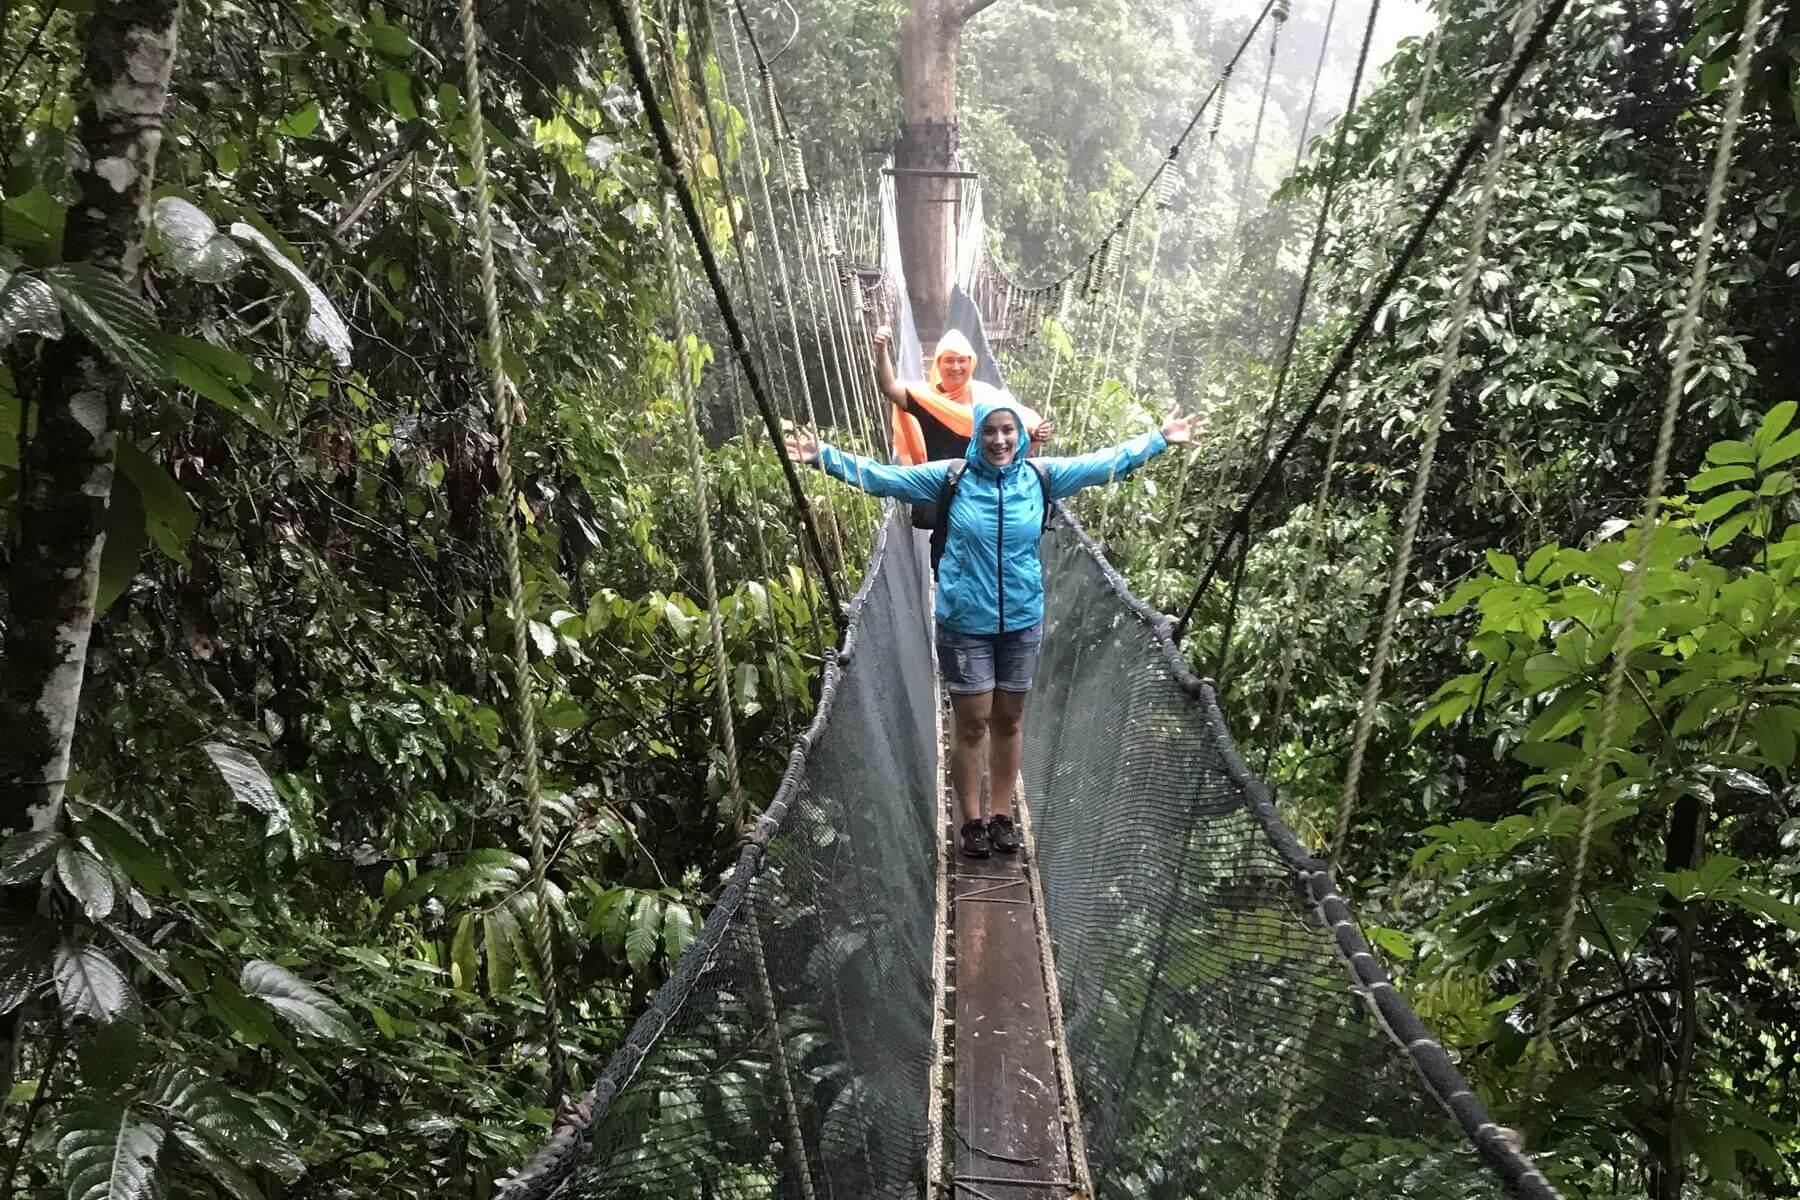 Reiseexperte Janine Klein auf dem canopy walk